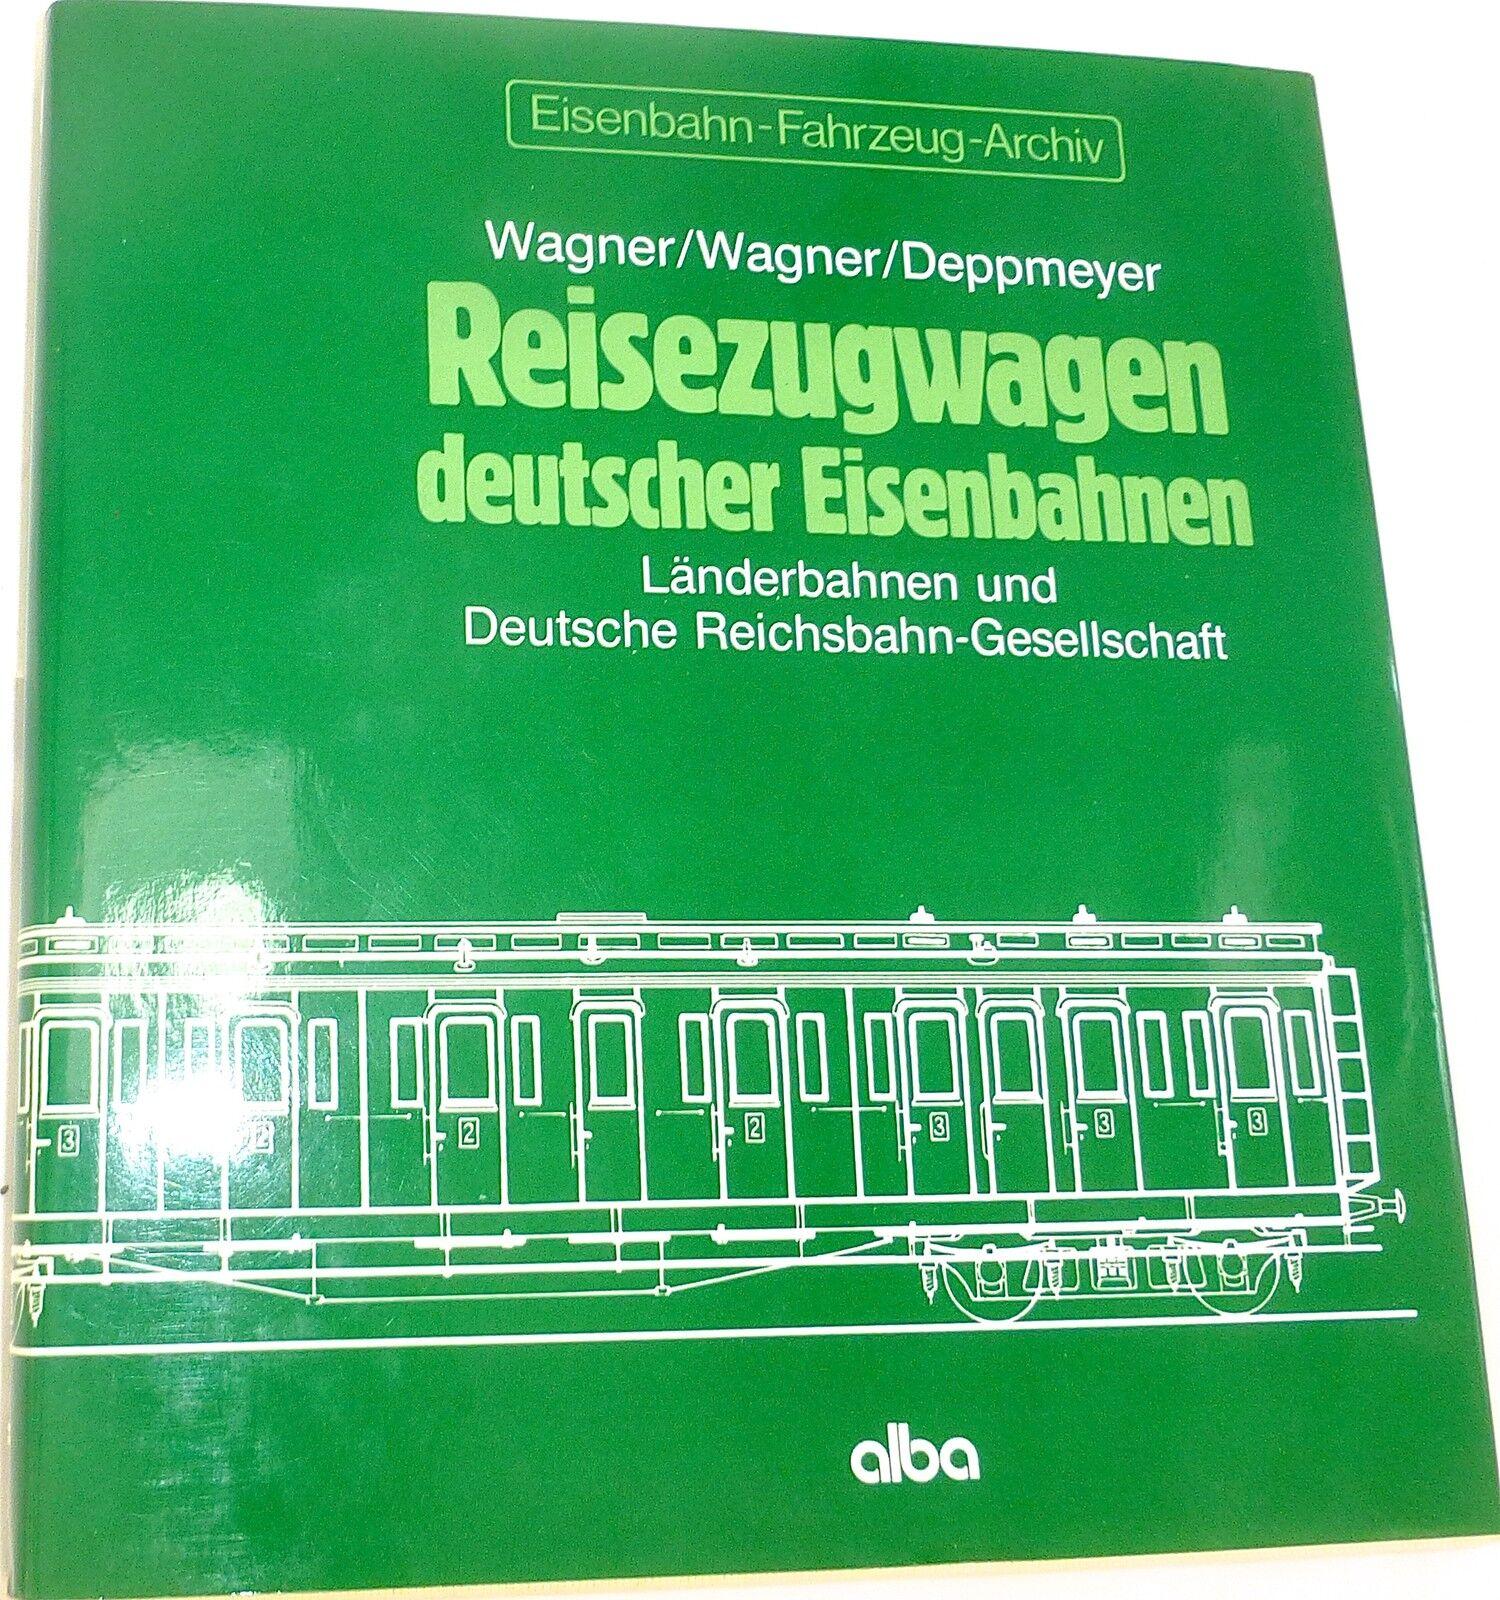 Reisezugwagen deutscher eisenbahnen länderbahnen DRG wagner deppmeyer Alba å